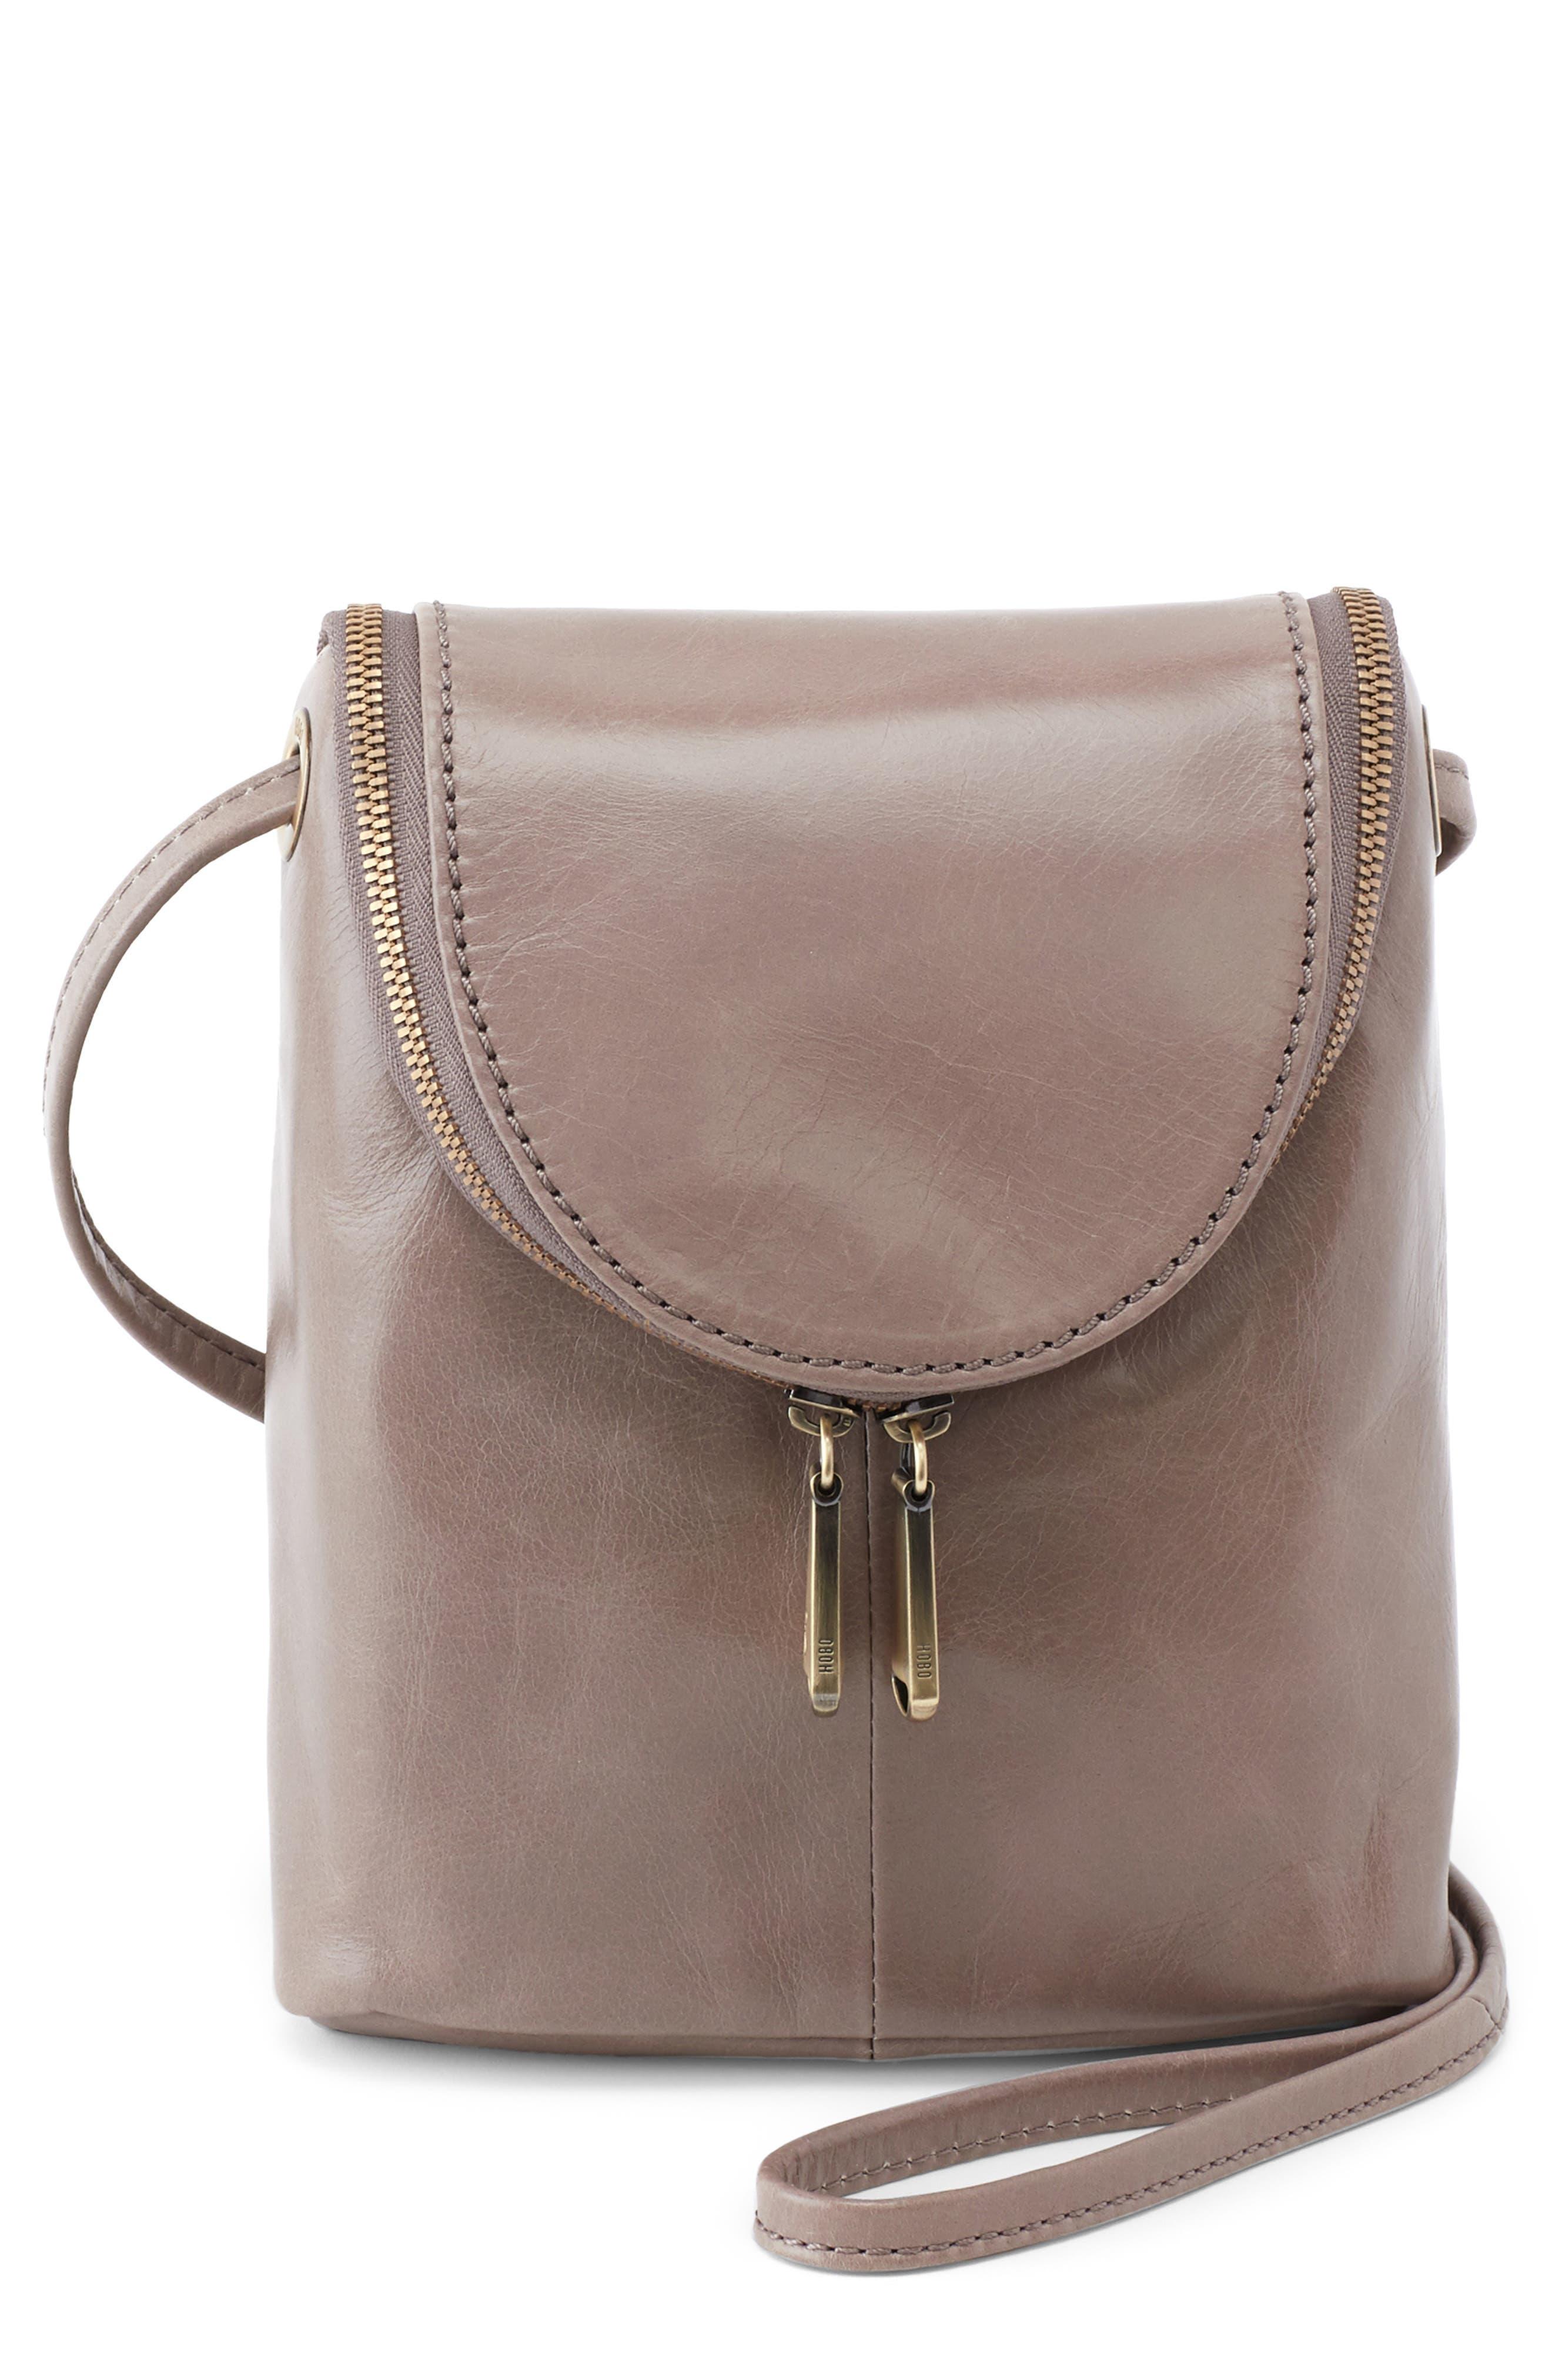 Fern Leather Crossbody Bag